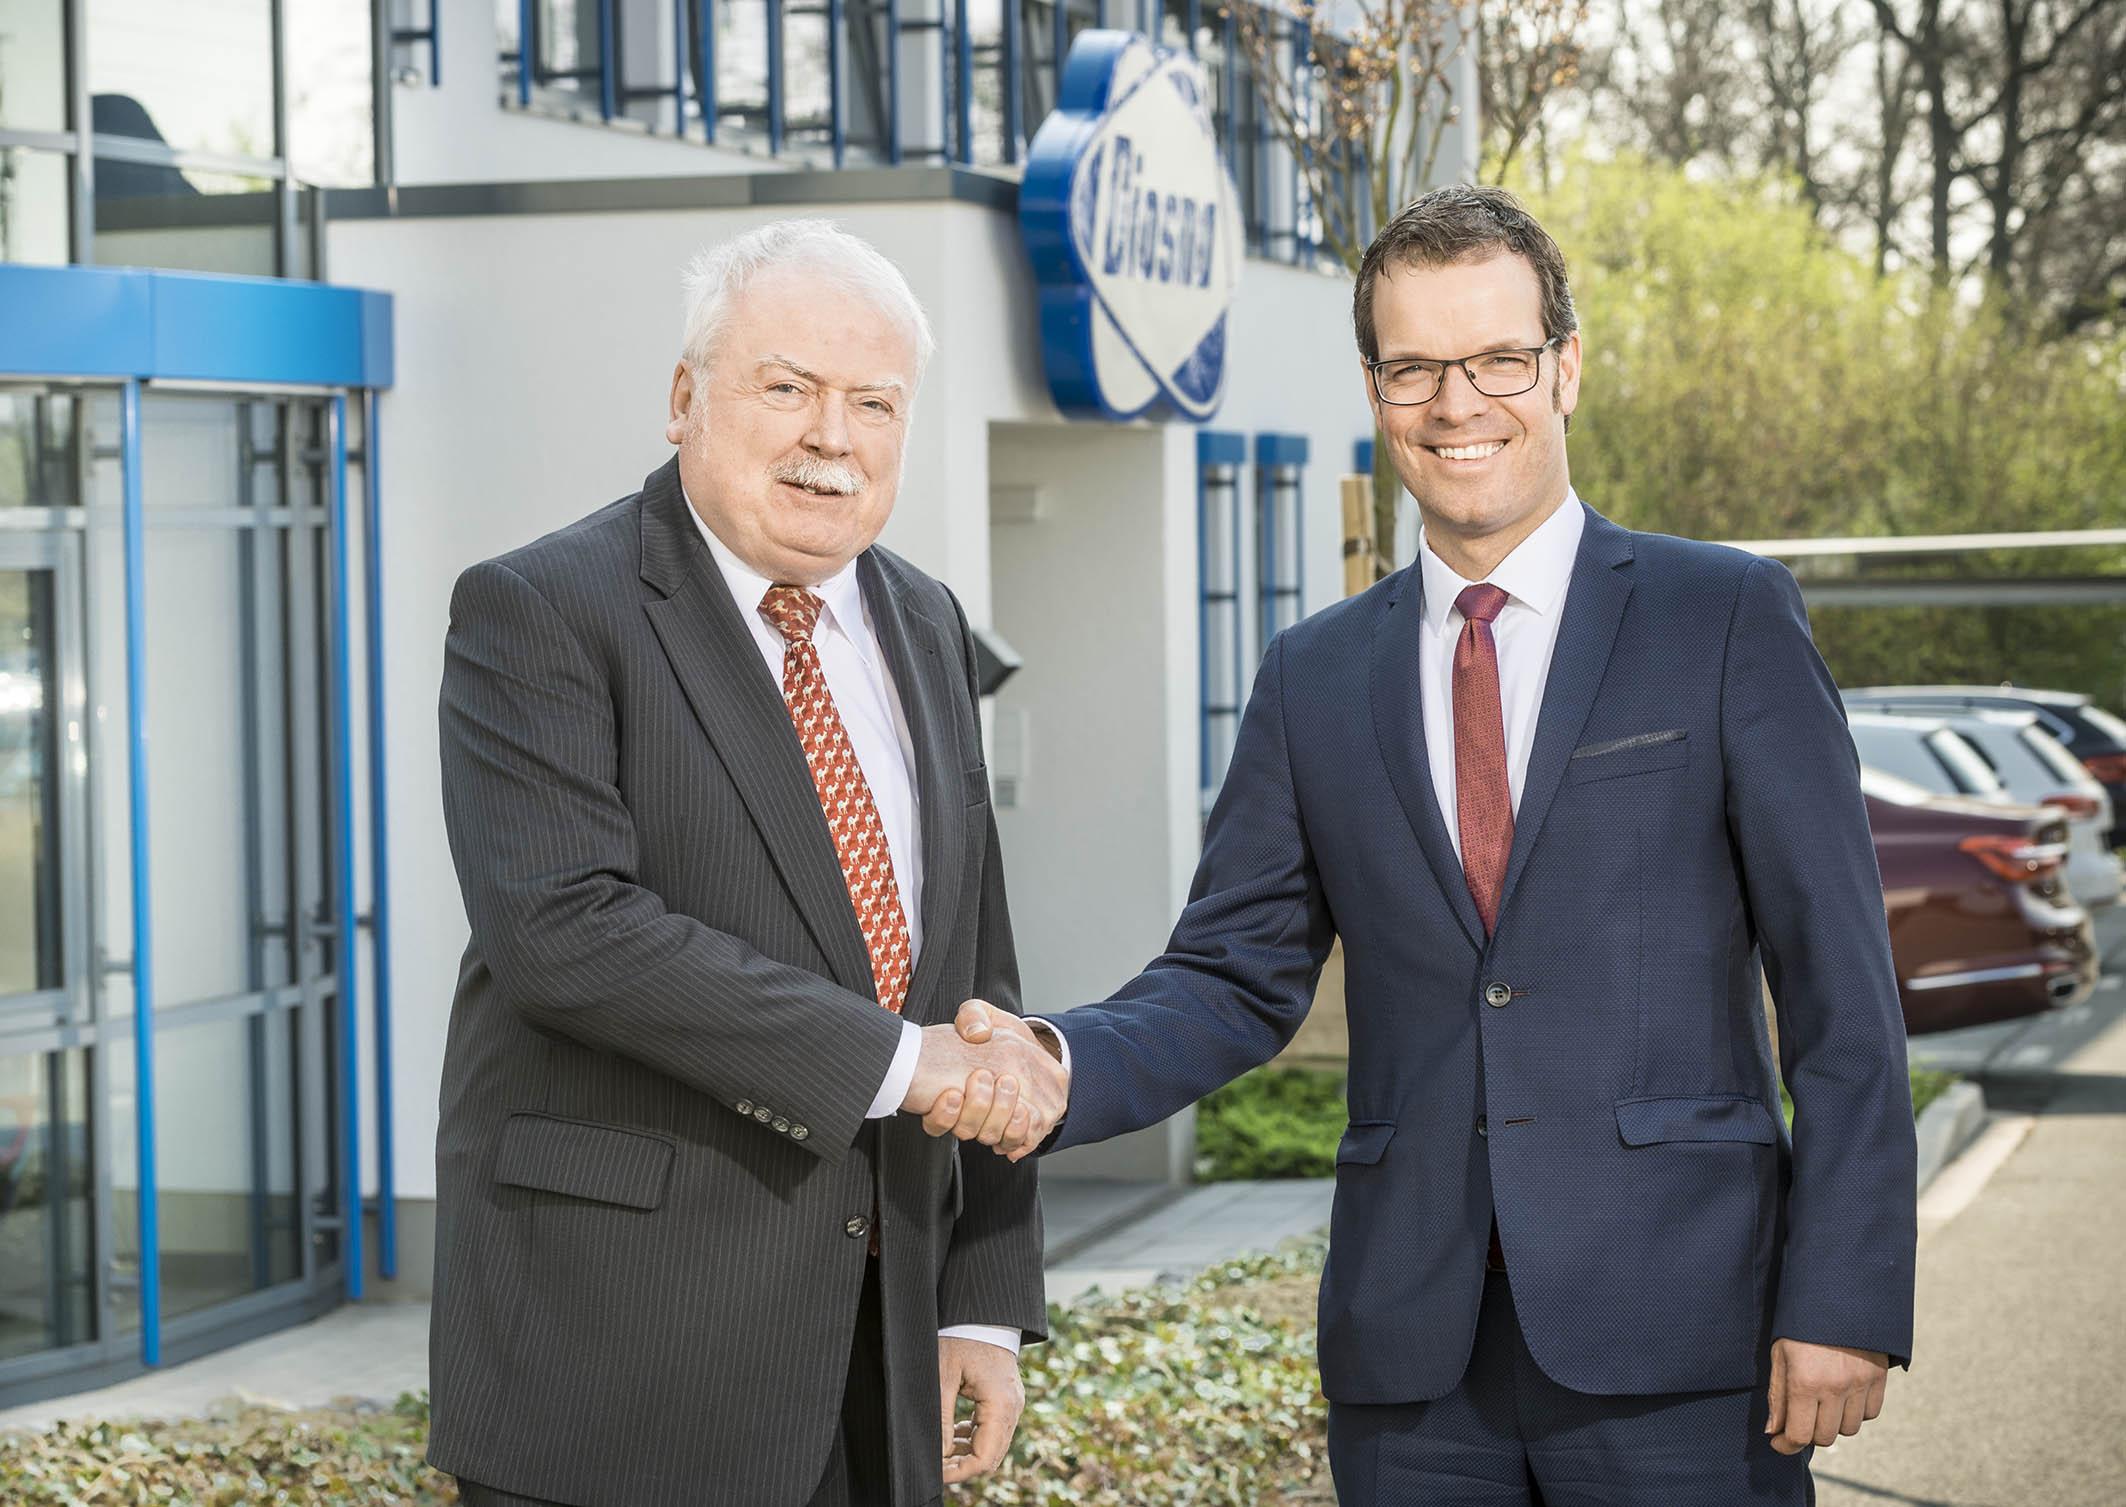 Geschäftsführerwechsel bei der DIOSNA Dierks & Söhne GmbH